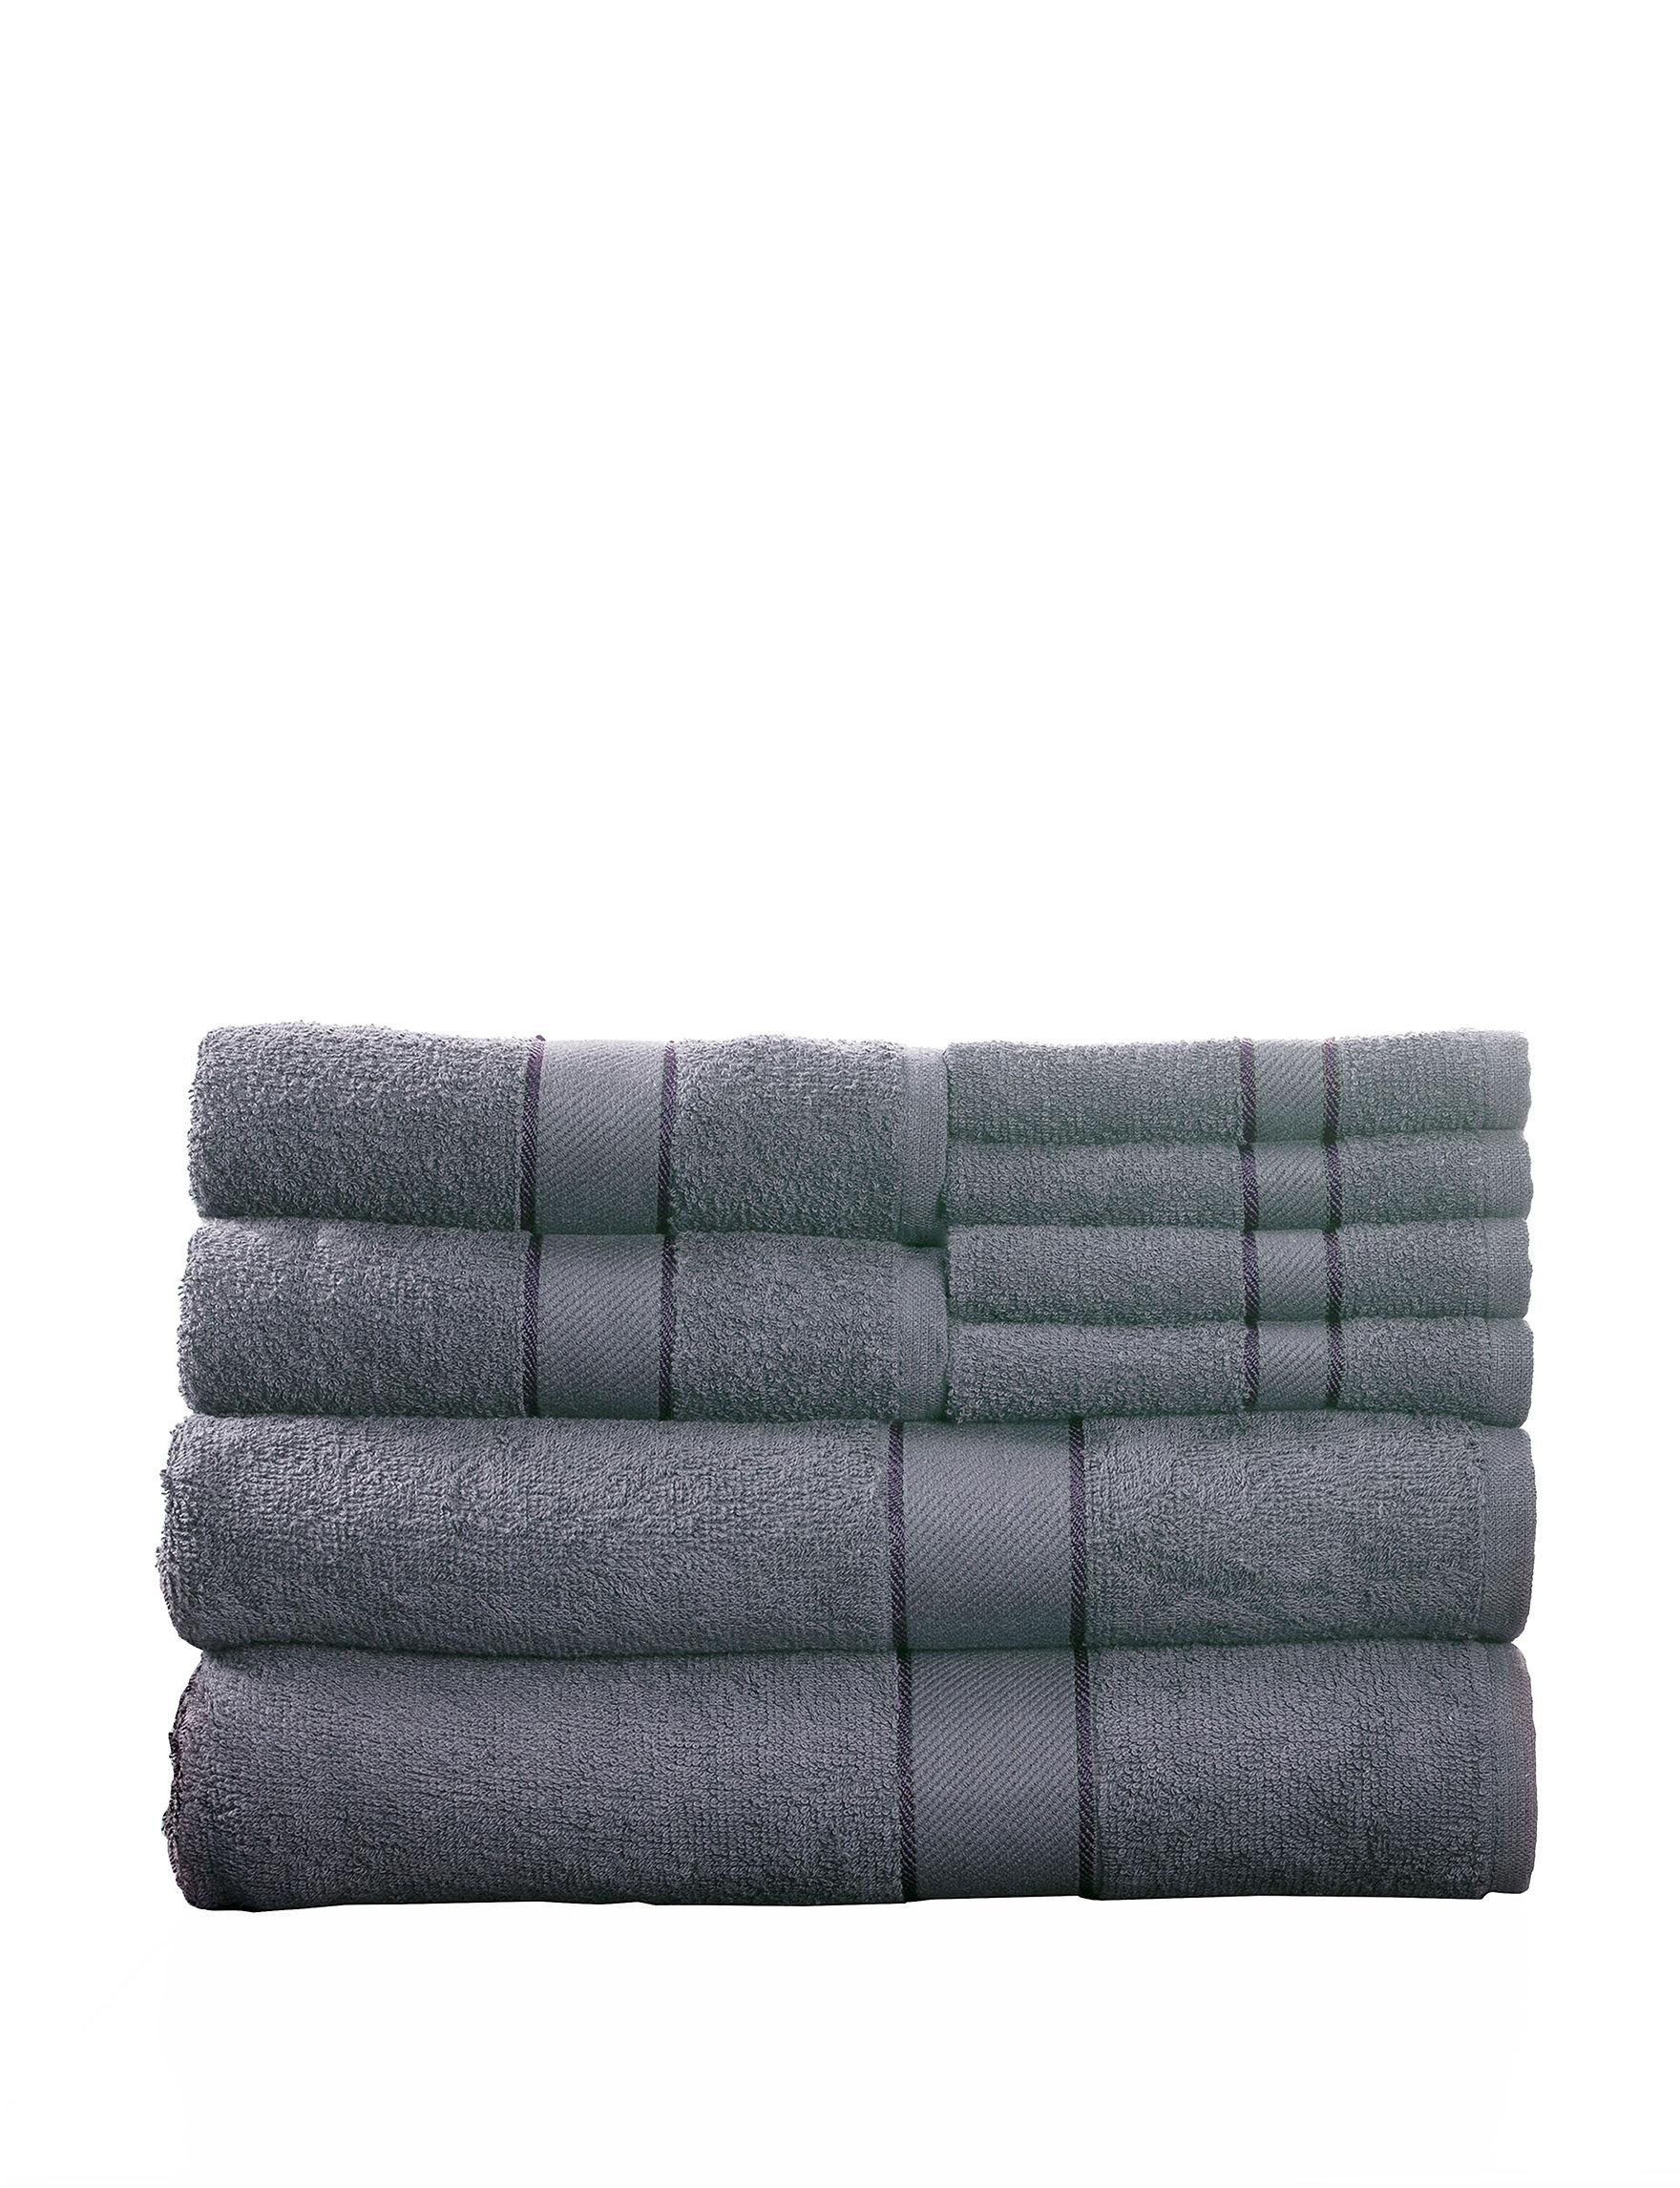 Lavish Home Silver Bath Towels Towel Sets Towels